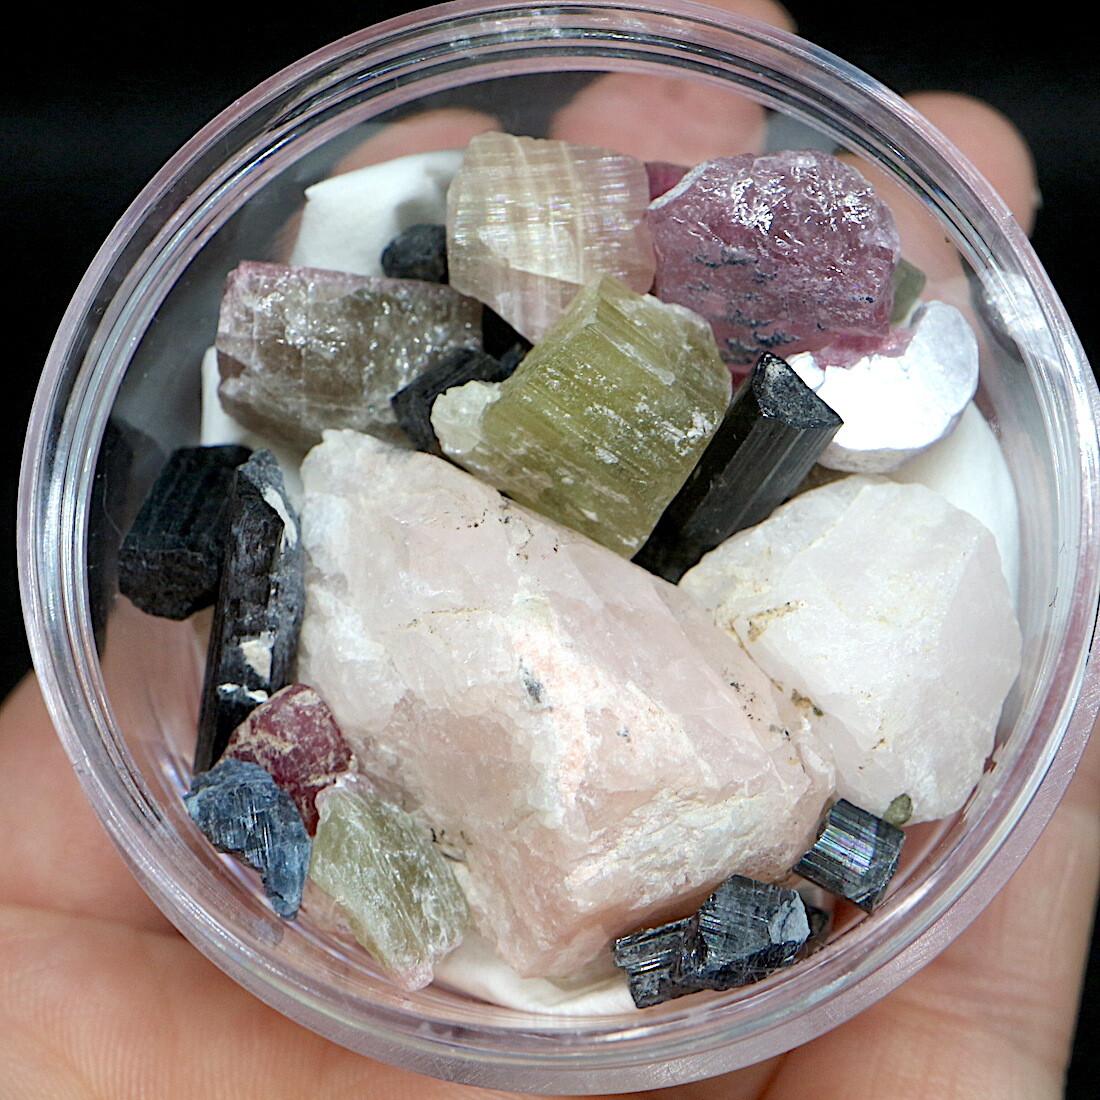 【鉱物標本セット】オーシャンビュー鉱山ミネラルセット#6  トルマリン モルガナイト レピドライト T172 天然石 鉱物セット パワーストーン